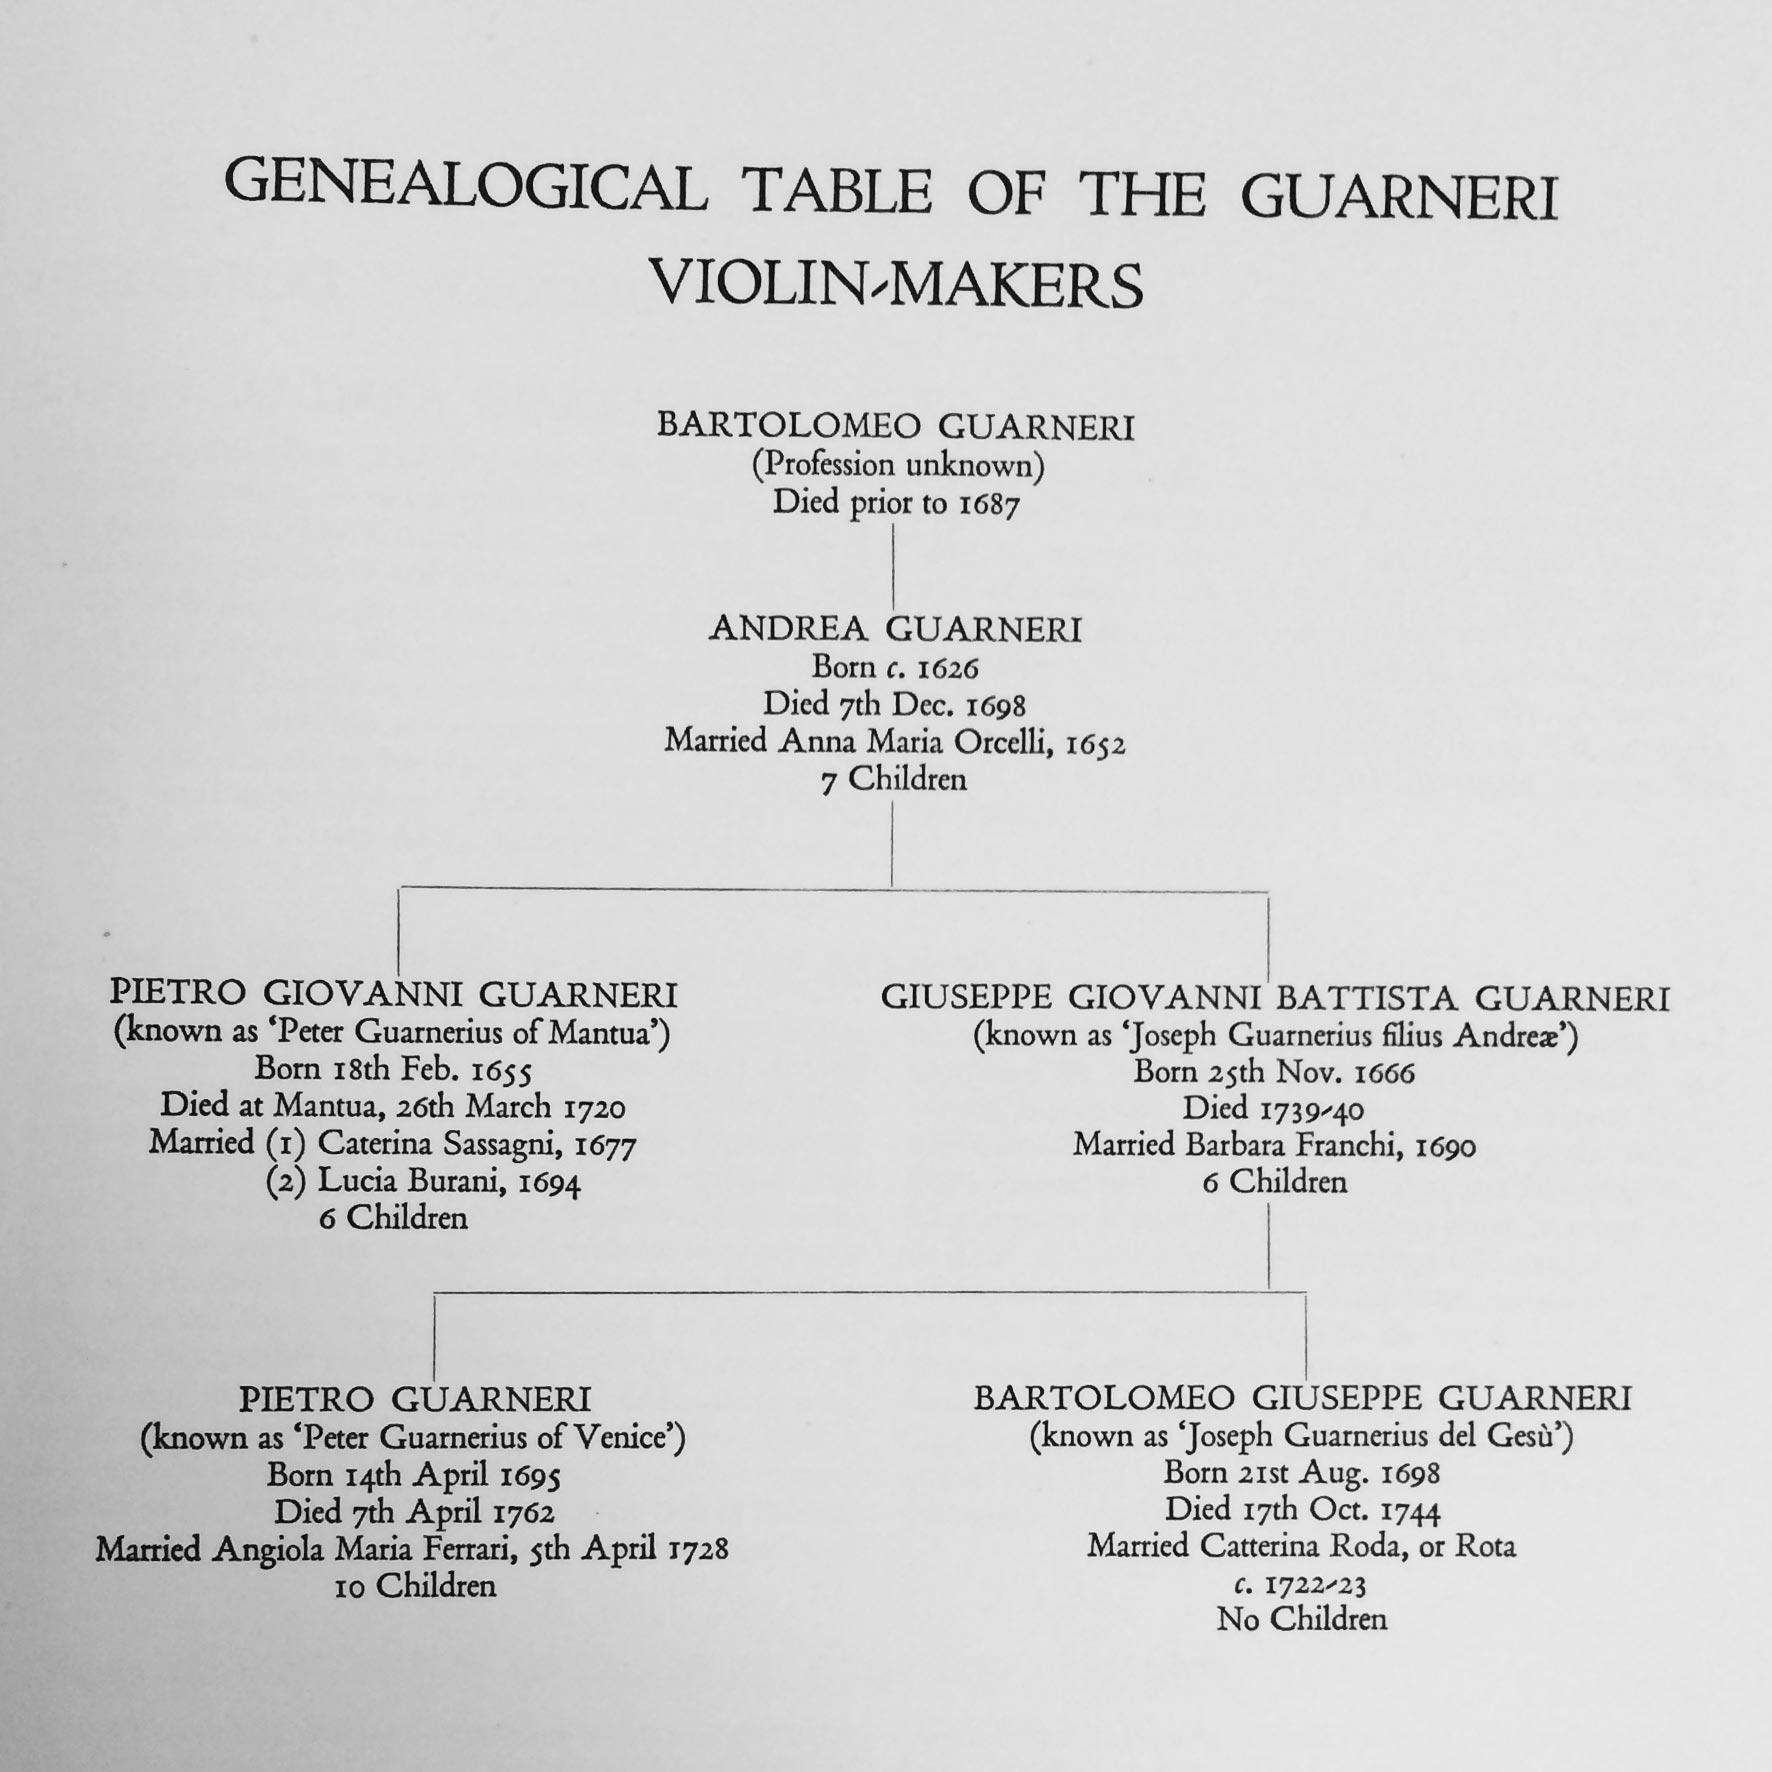 """Arbre généalogique de la famille GUARNERIUS tiré du livre """"The violon makers of the Guarneri Family (1626-1762)"""", William E. HILL & Sons, Londres, 1931"""